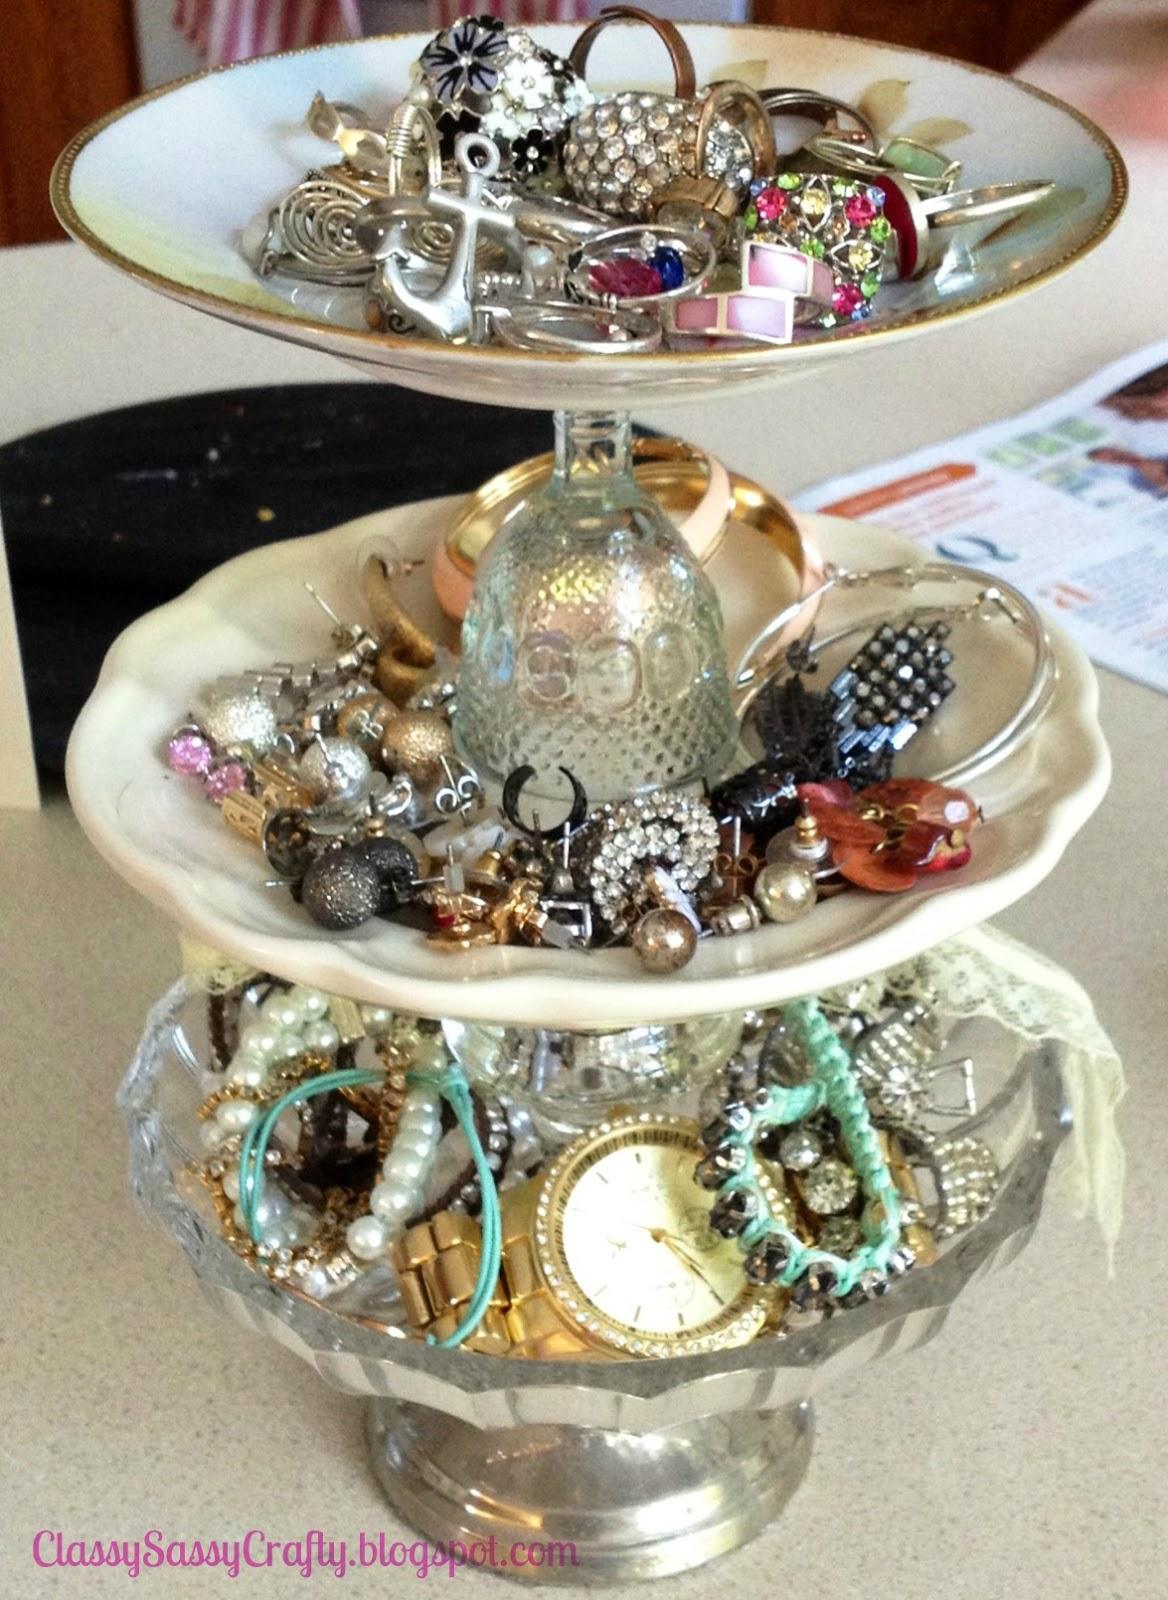 DIY Shabby Chic Jewelry Holder & A Splash of Sparkle: DIY Shabby Chic Jewelry Holder